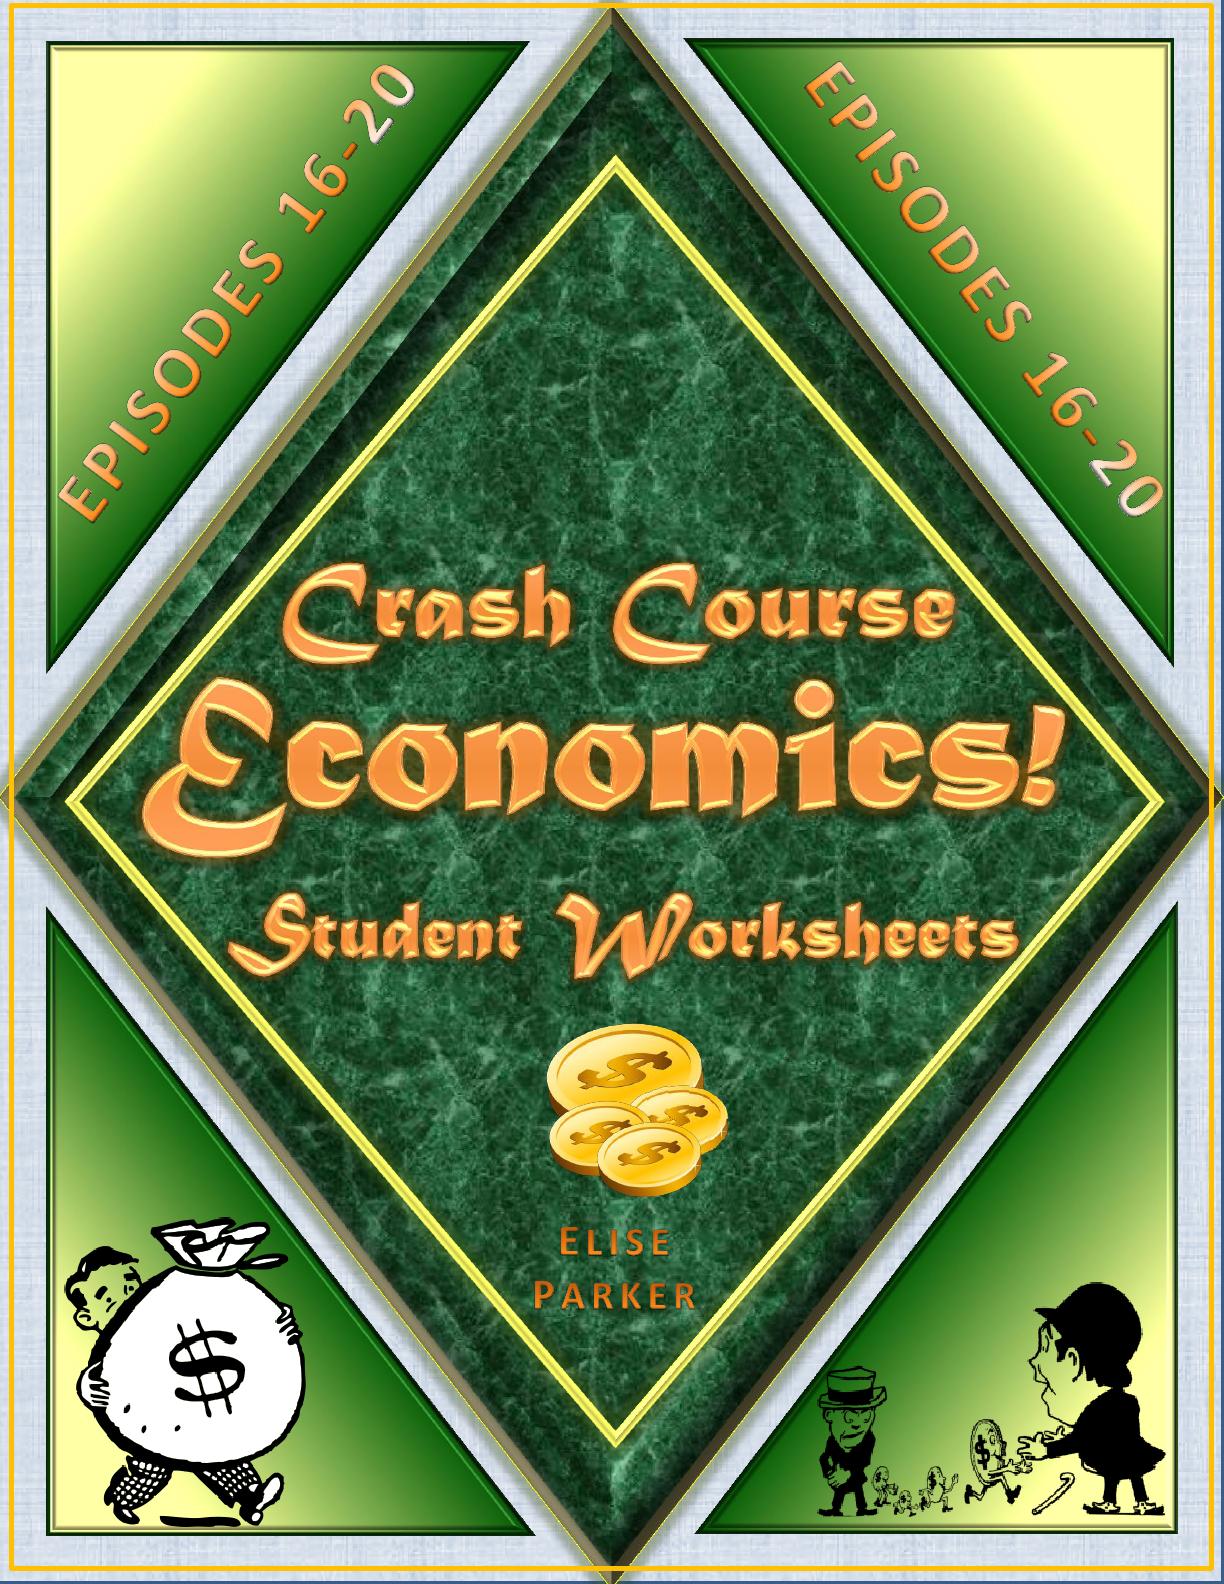 Crash Course Economics Worksheets Episodes 16 20